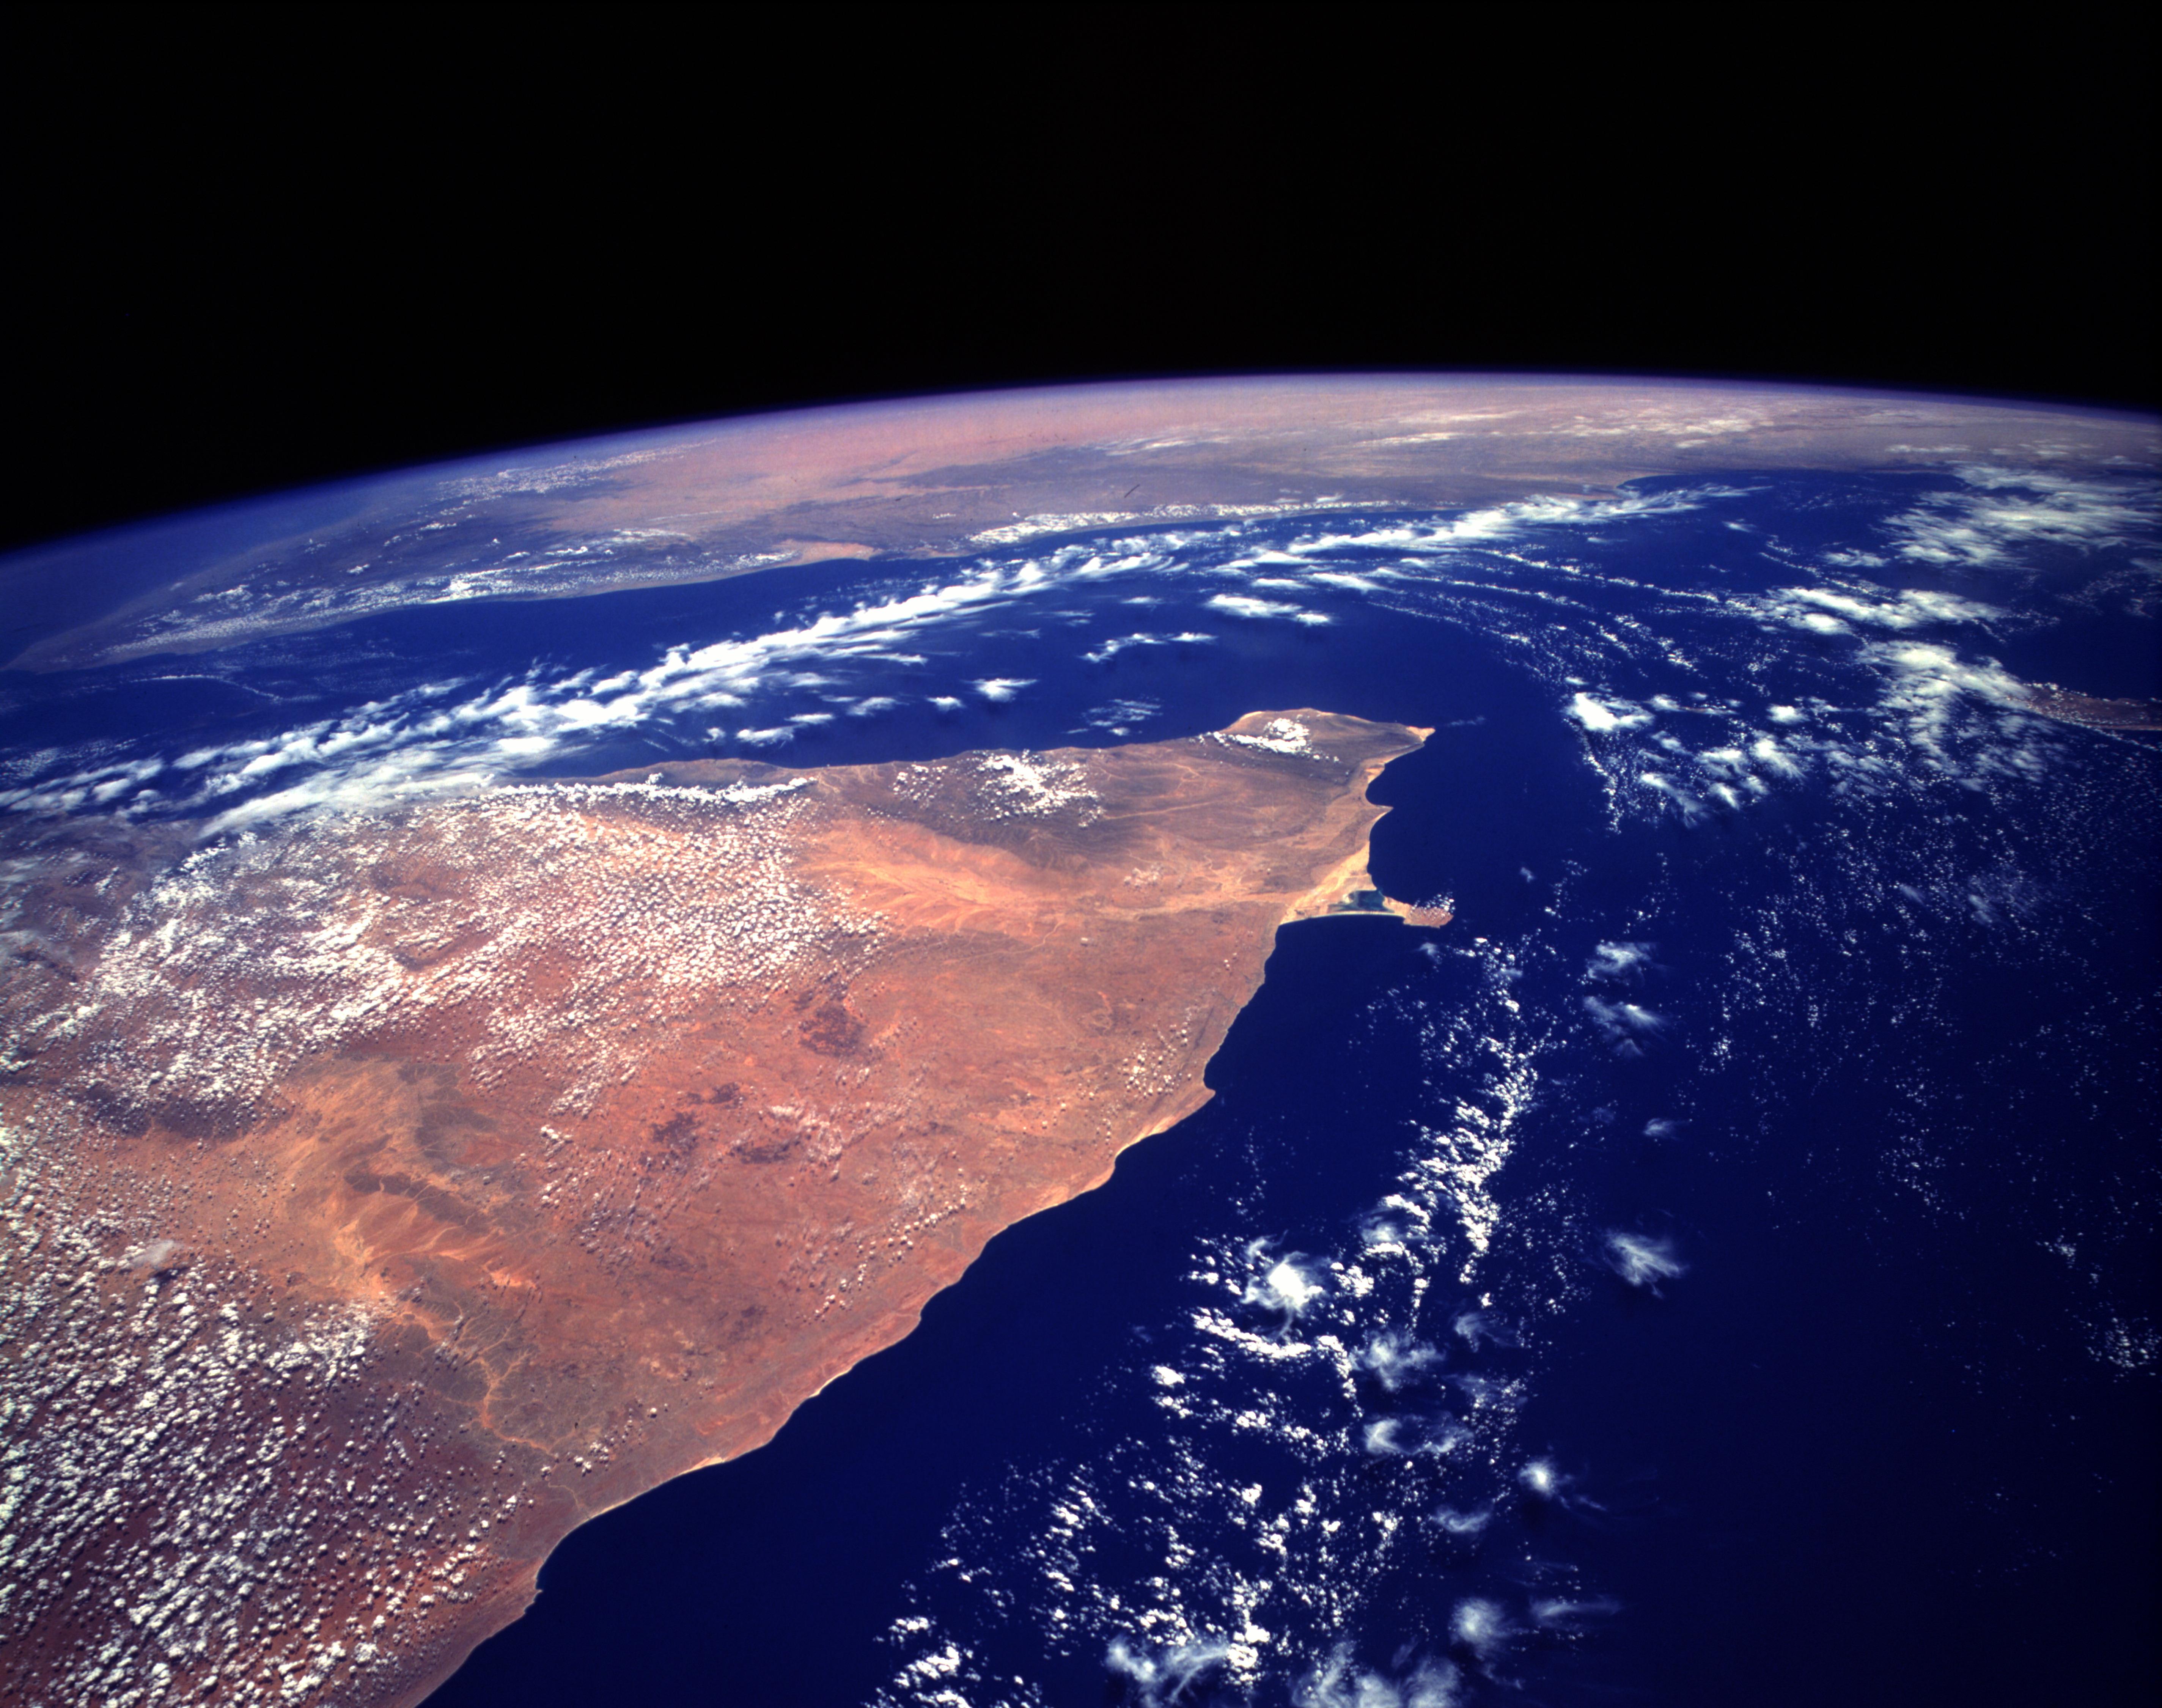 アフリカの角衛星イメージ